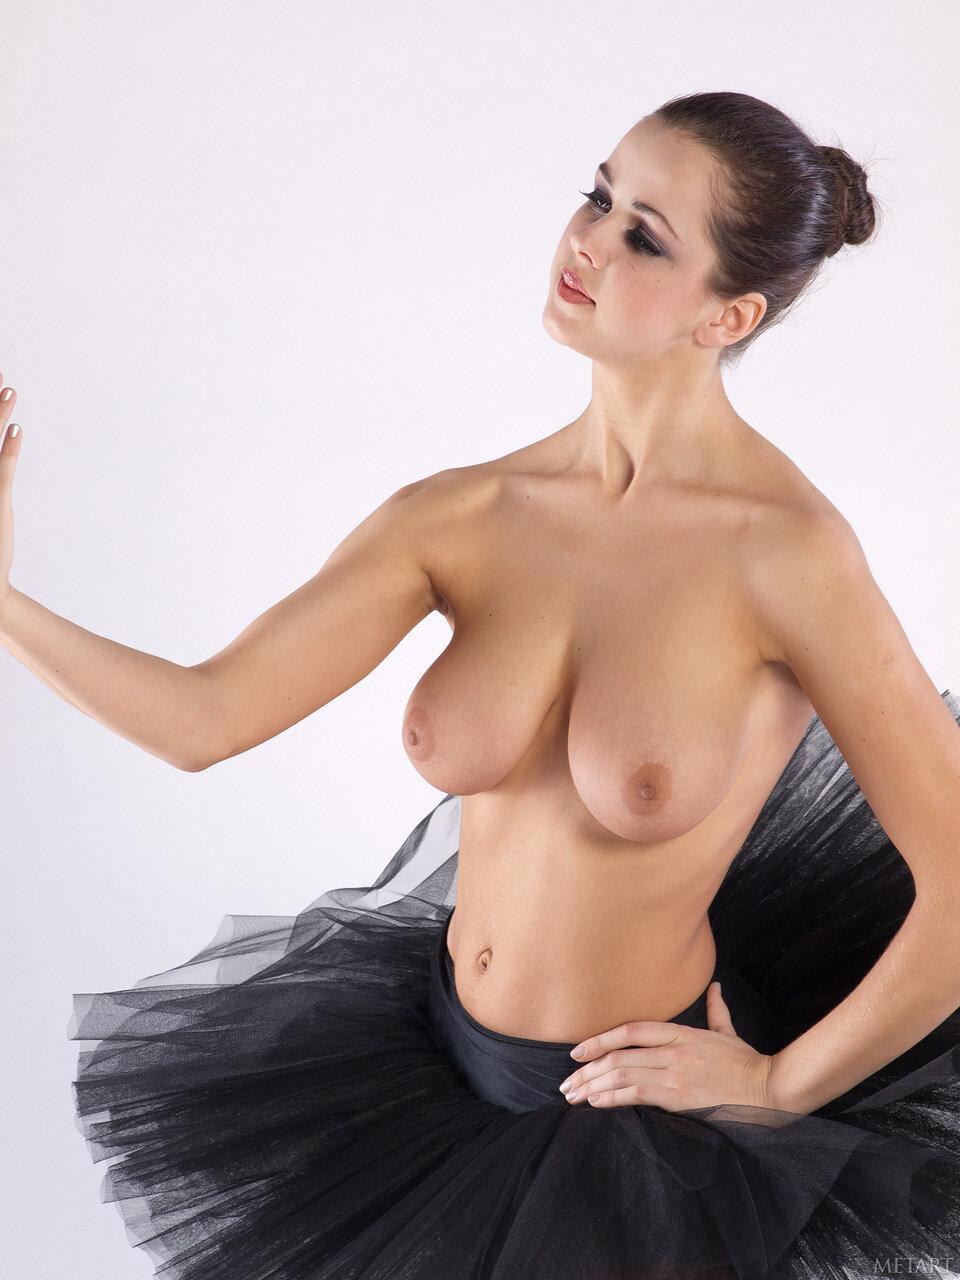 балет с обнаженной грудью фото авторитет приходит зэку